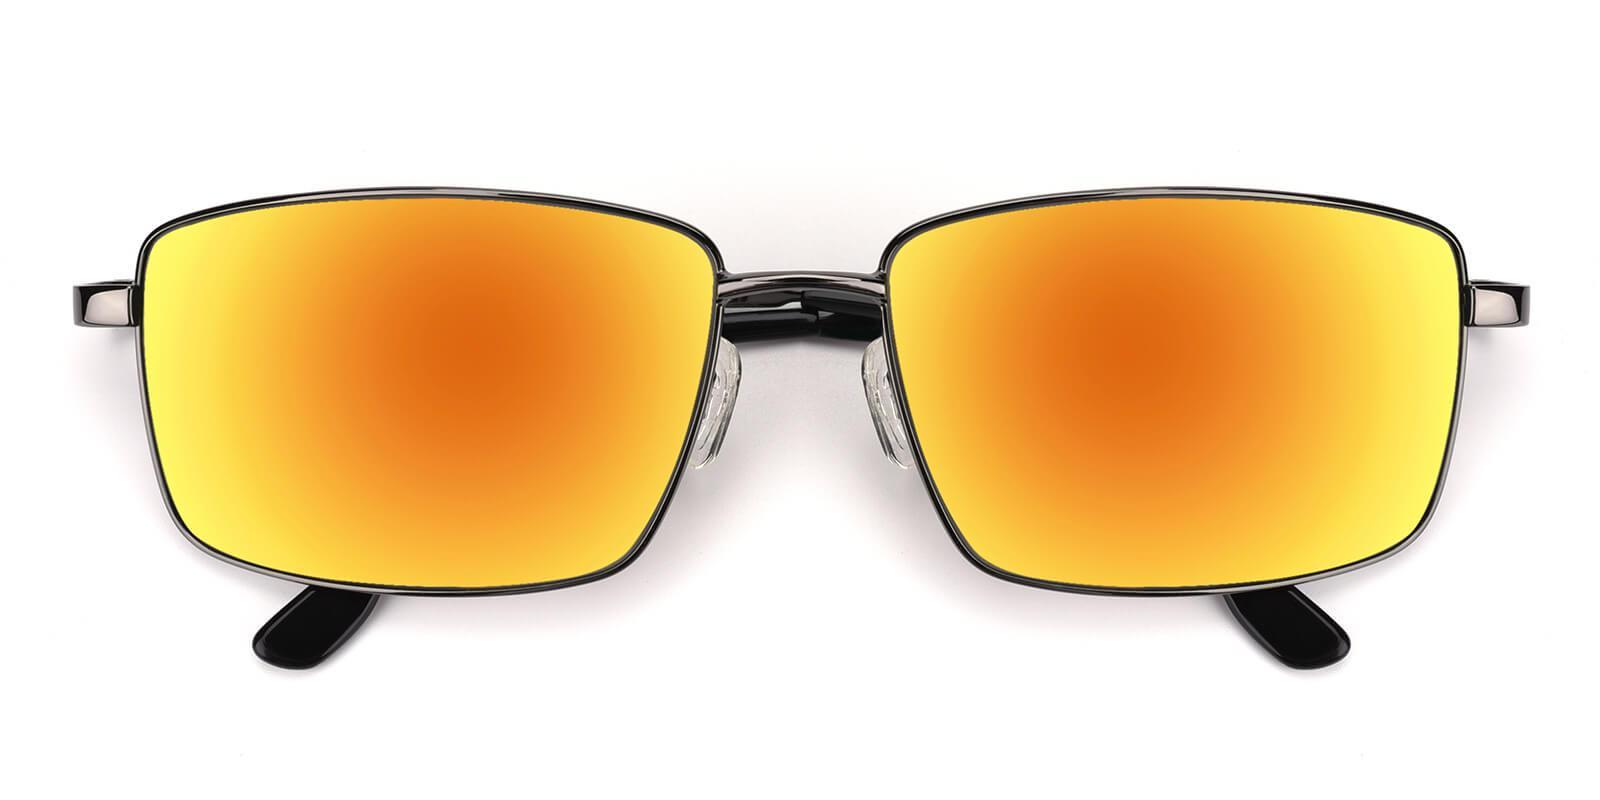 Sea-Gun-Rectangle-Metal-Sunglasses-detail